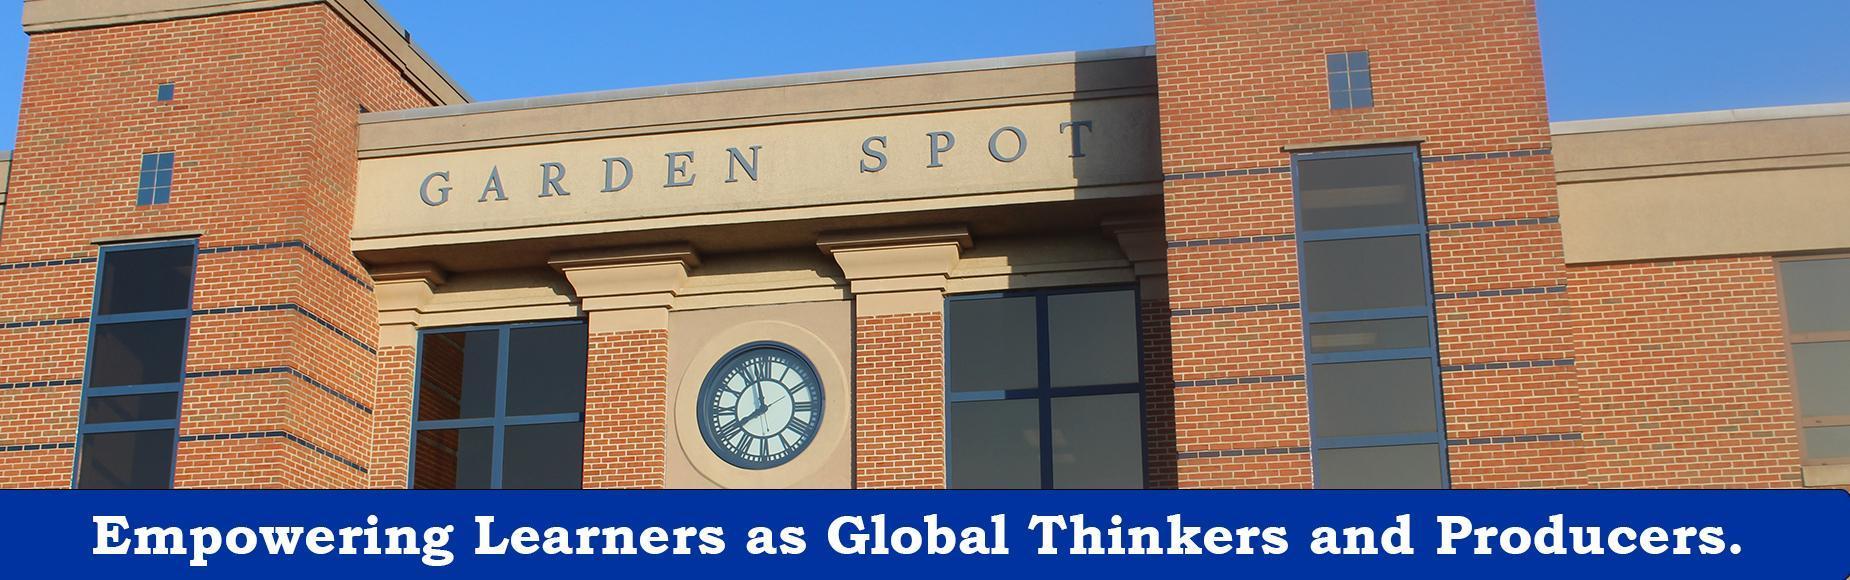 Garden Spot High School Banner Image